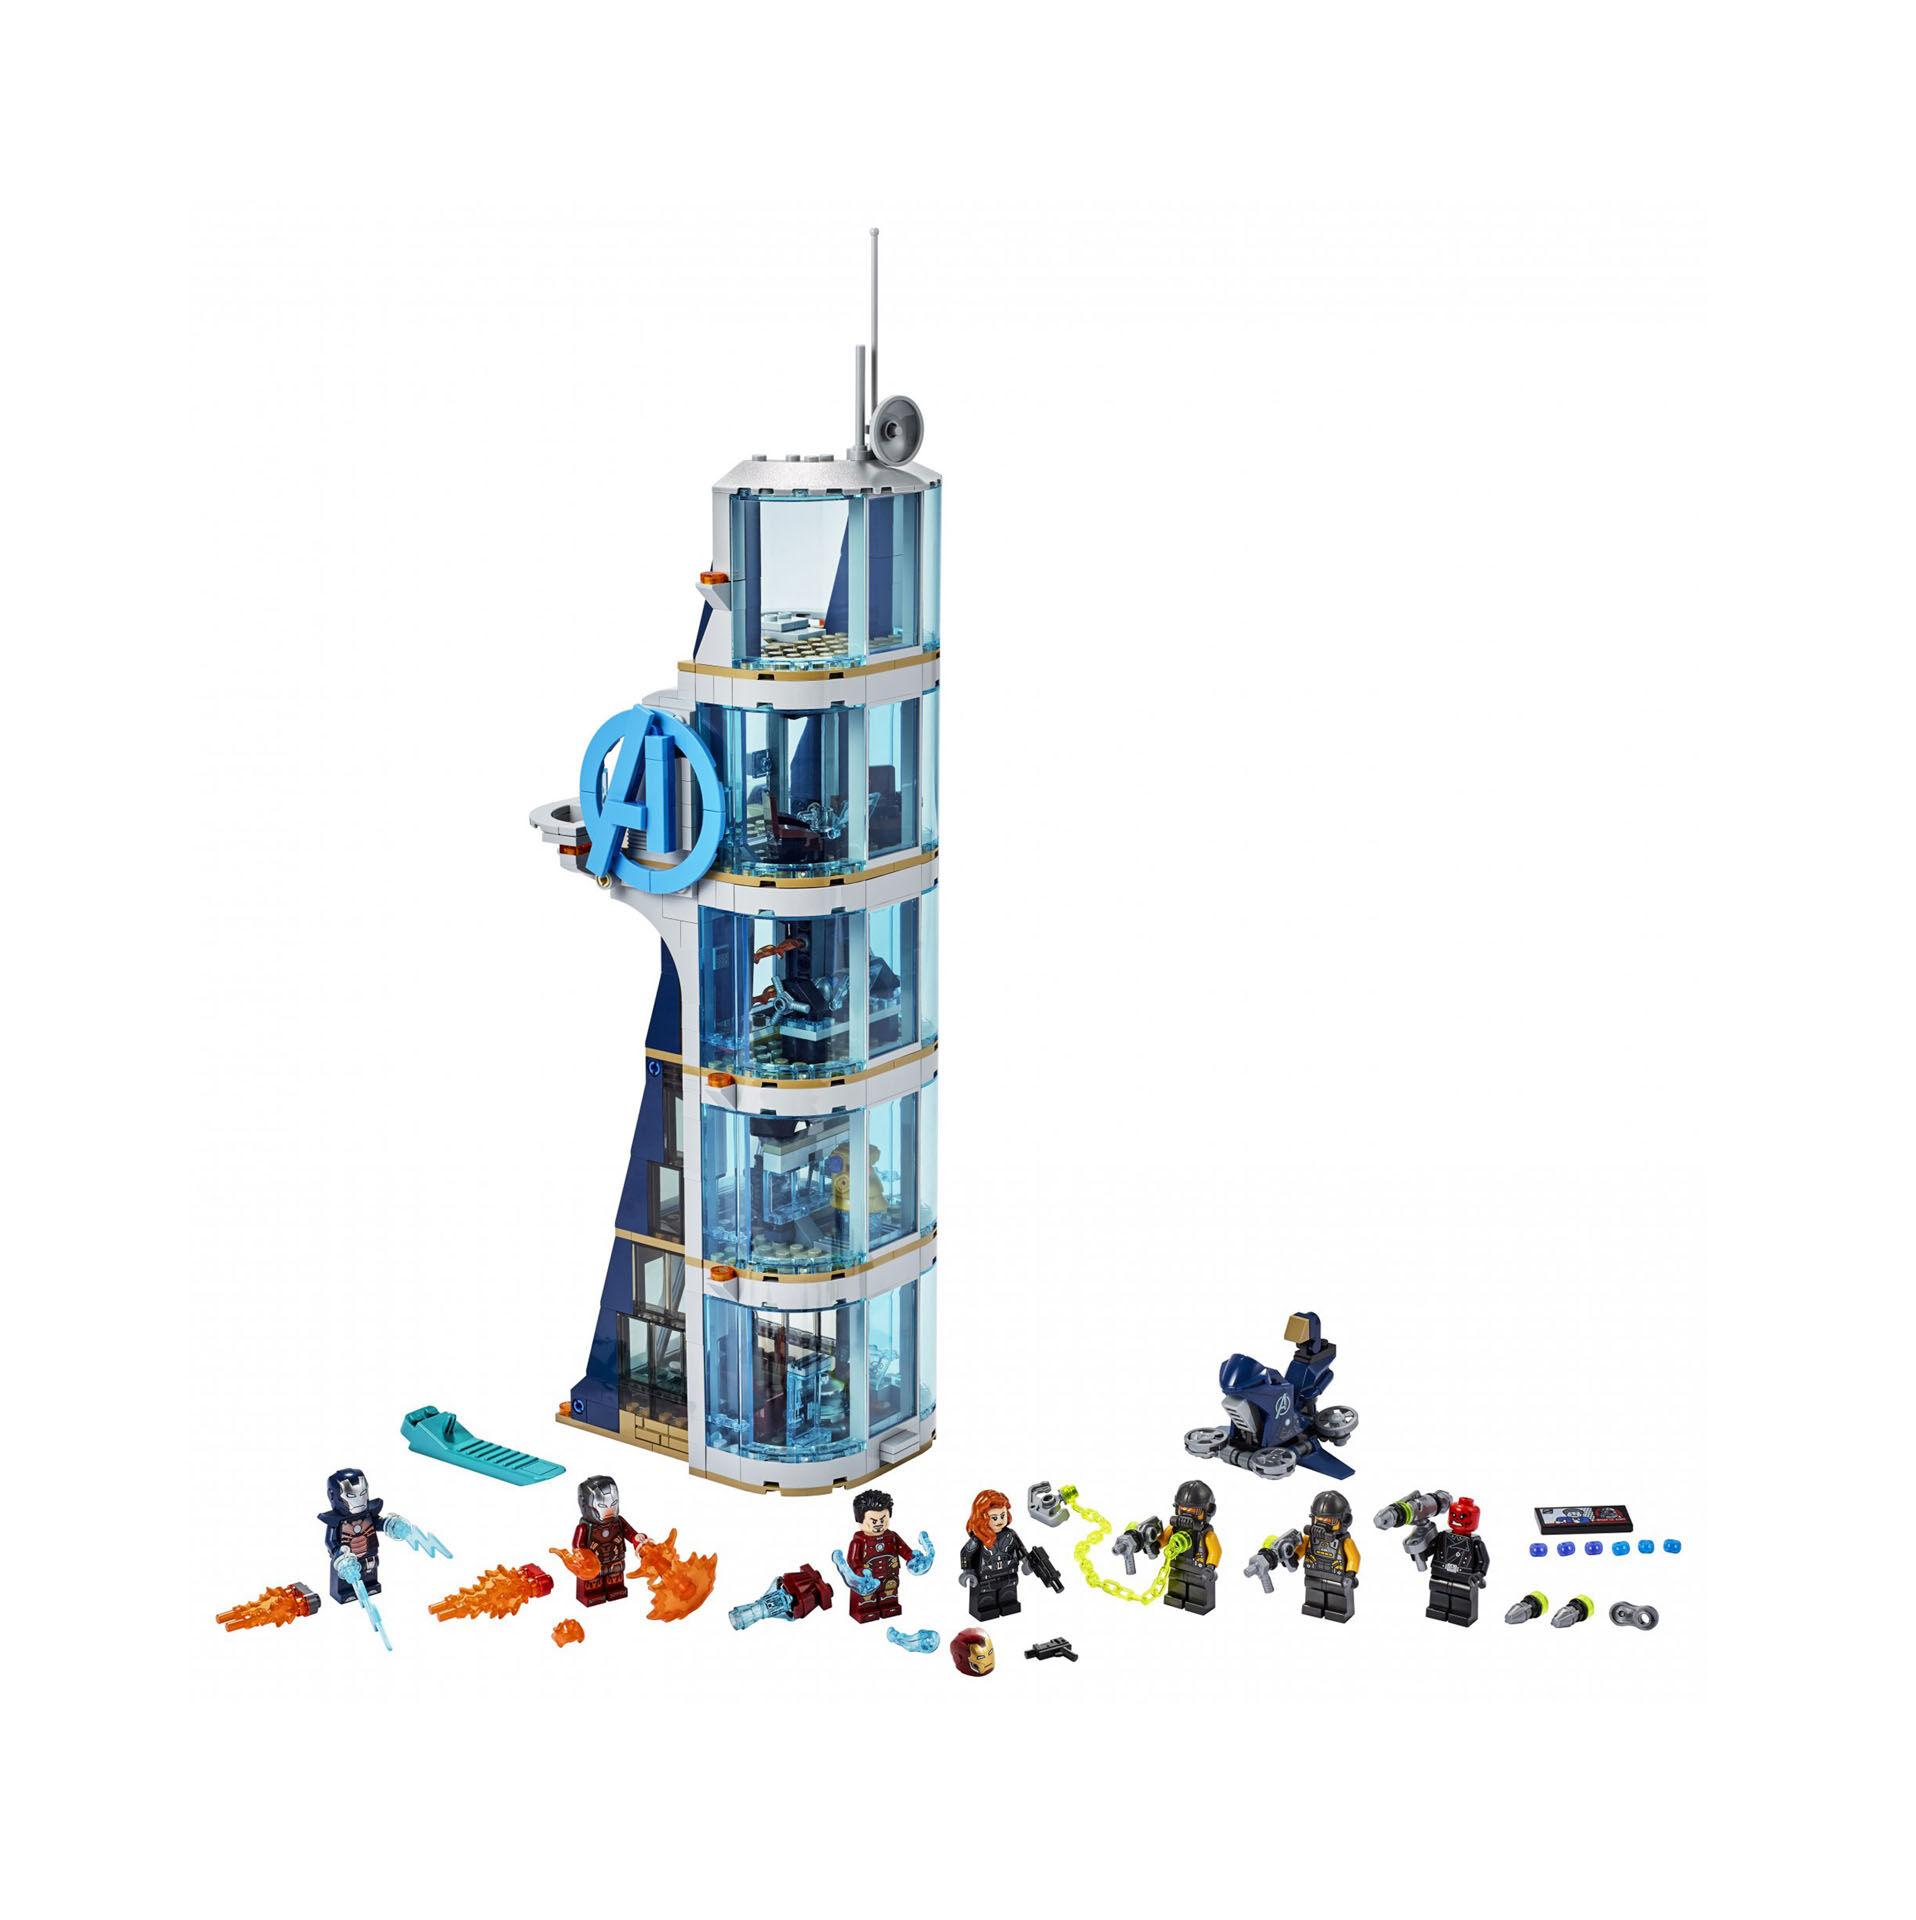 La tour de combat des Avengers 76166, , large